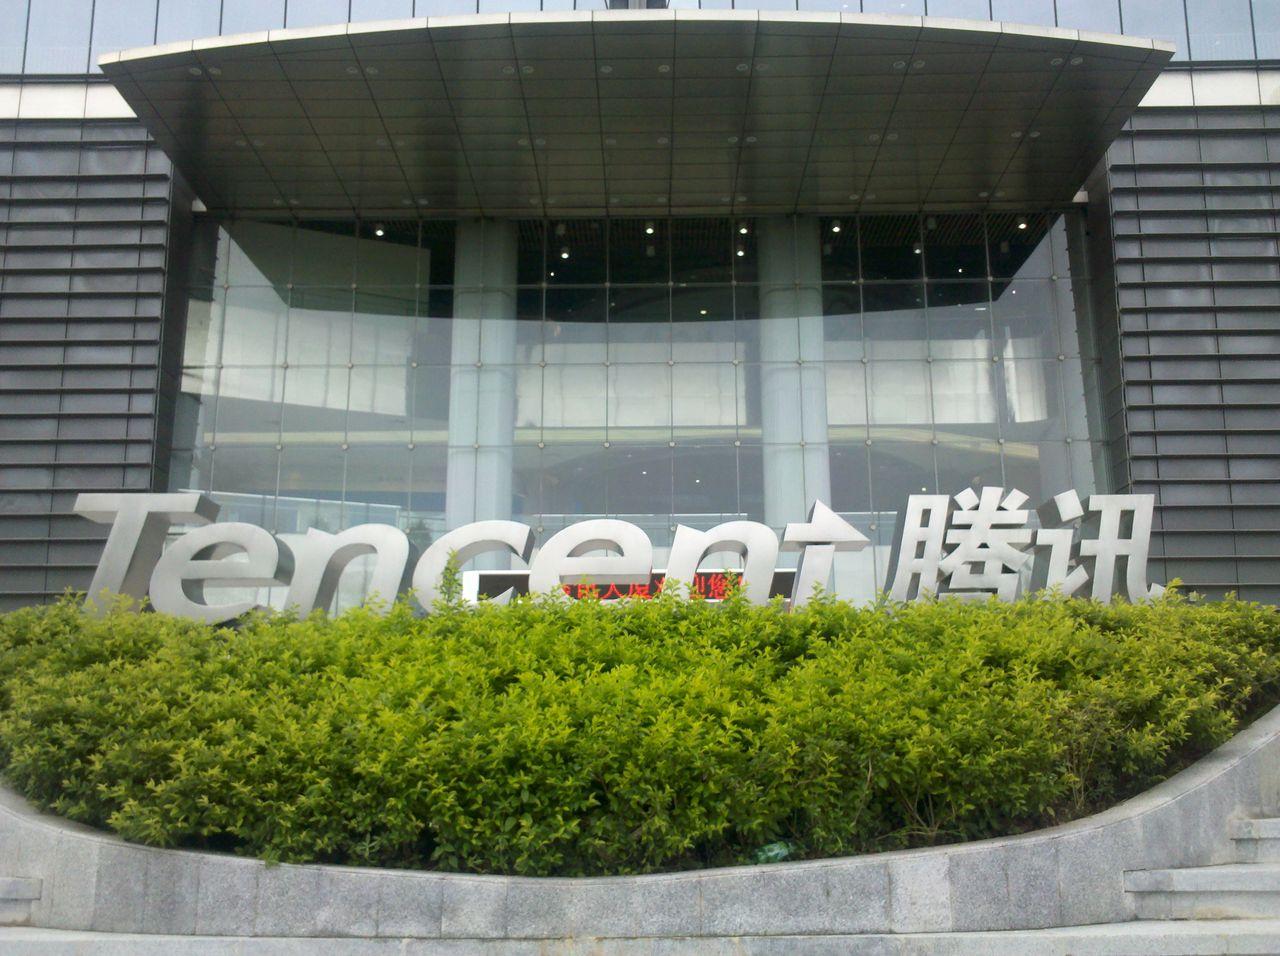 腾讯微信牵手广州互联网法院,打造一体化解决方案帮助用户维权